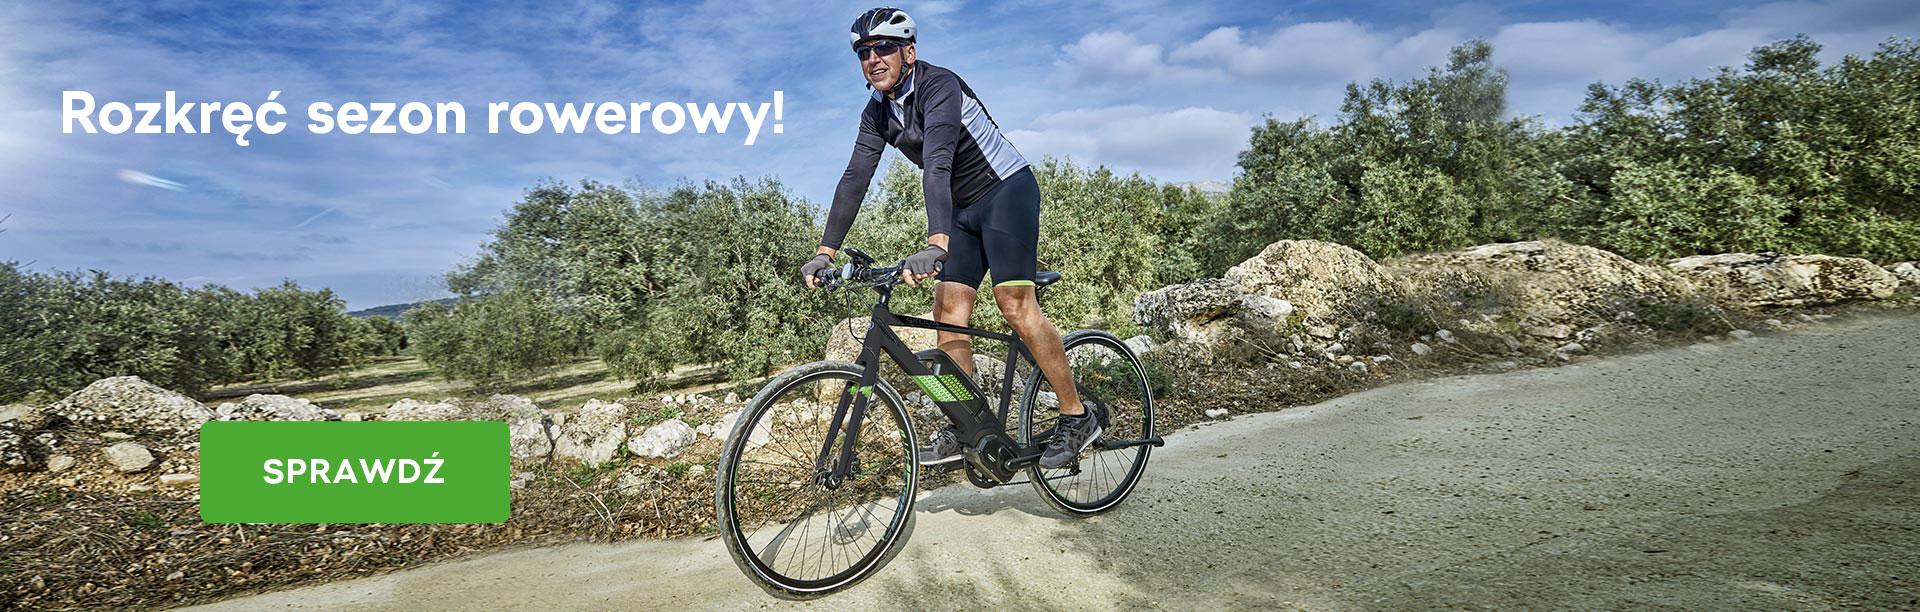 Rozkręć sezon rowerowy